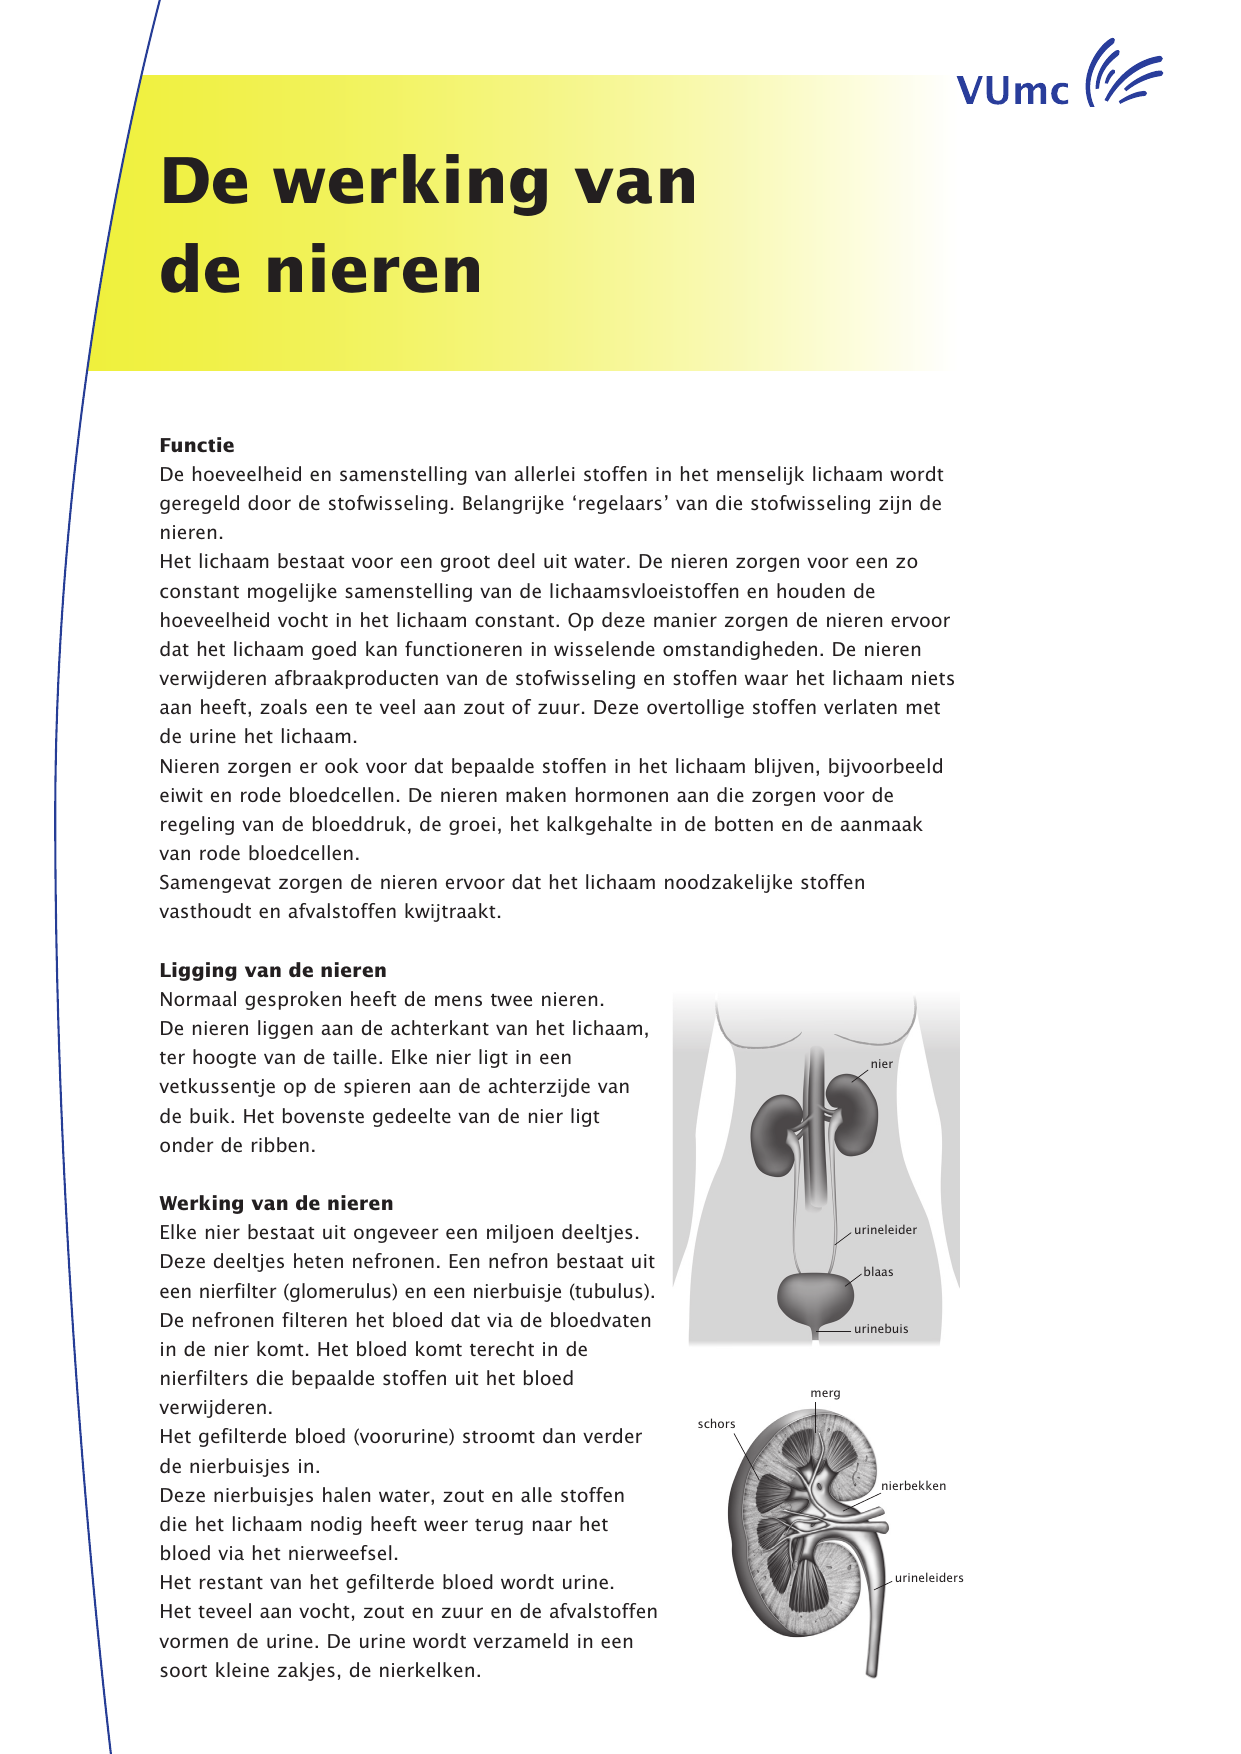 De werking van de nieren